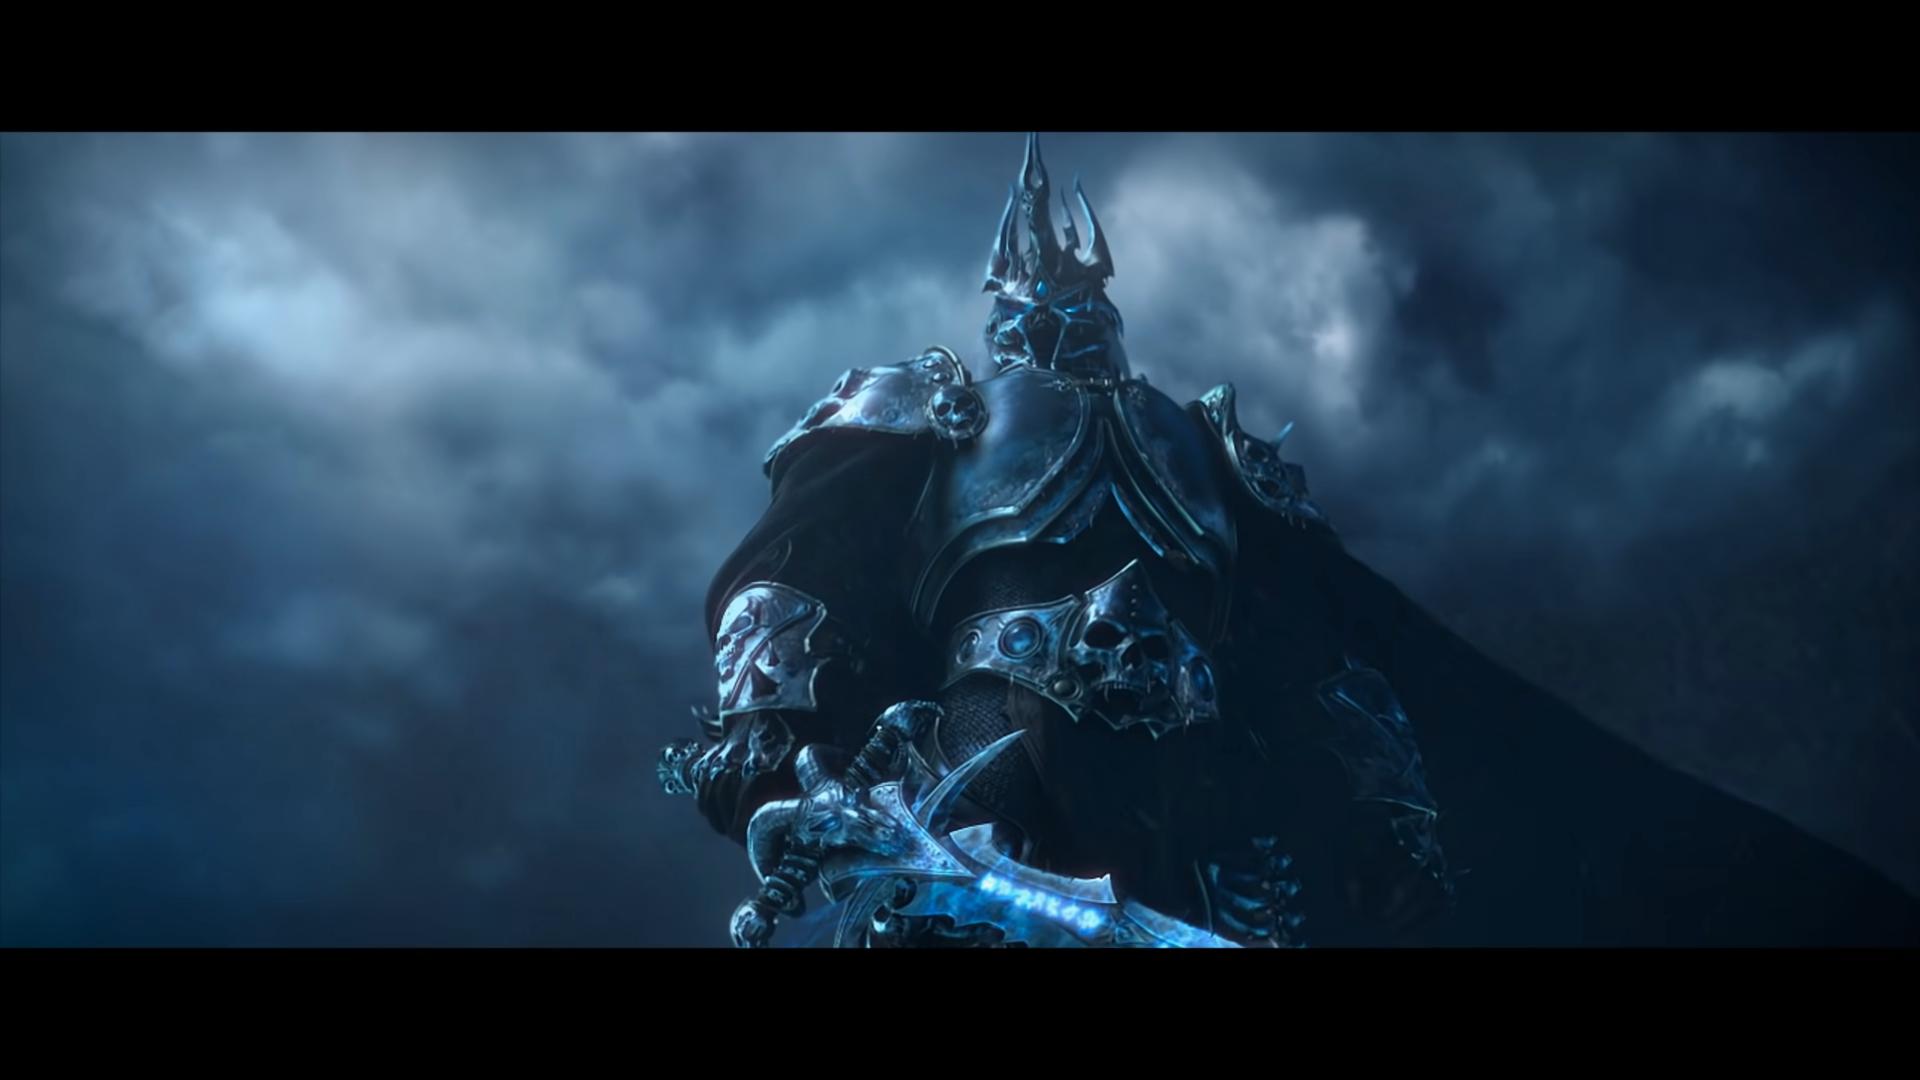 World of Warcraft Lich King Arthas Frostmourne